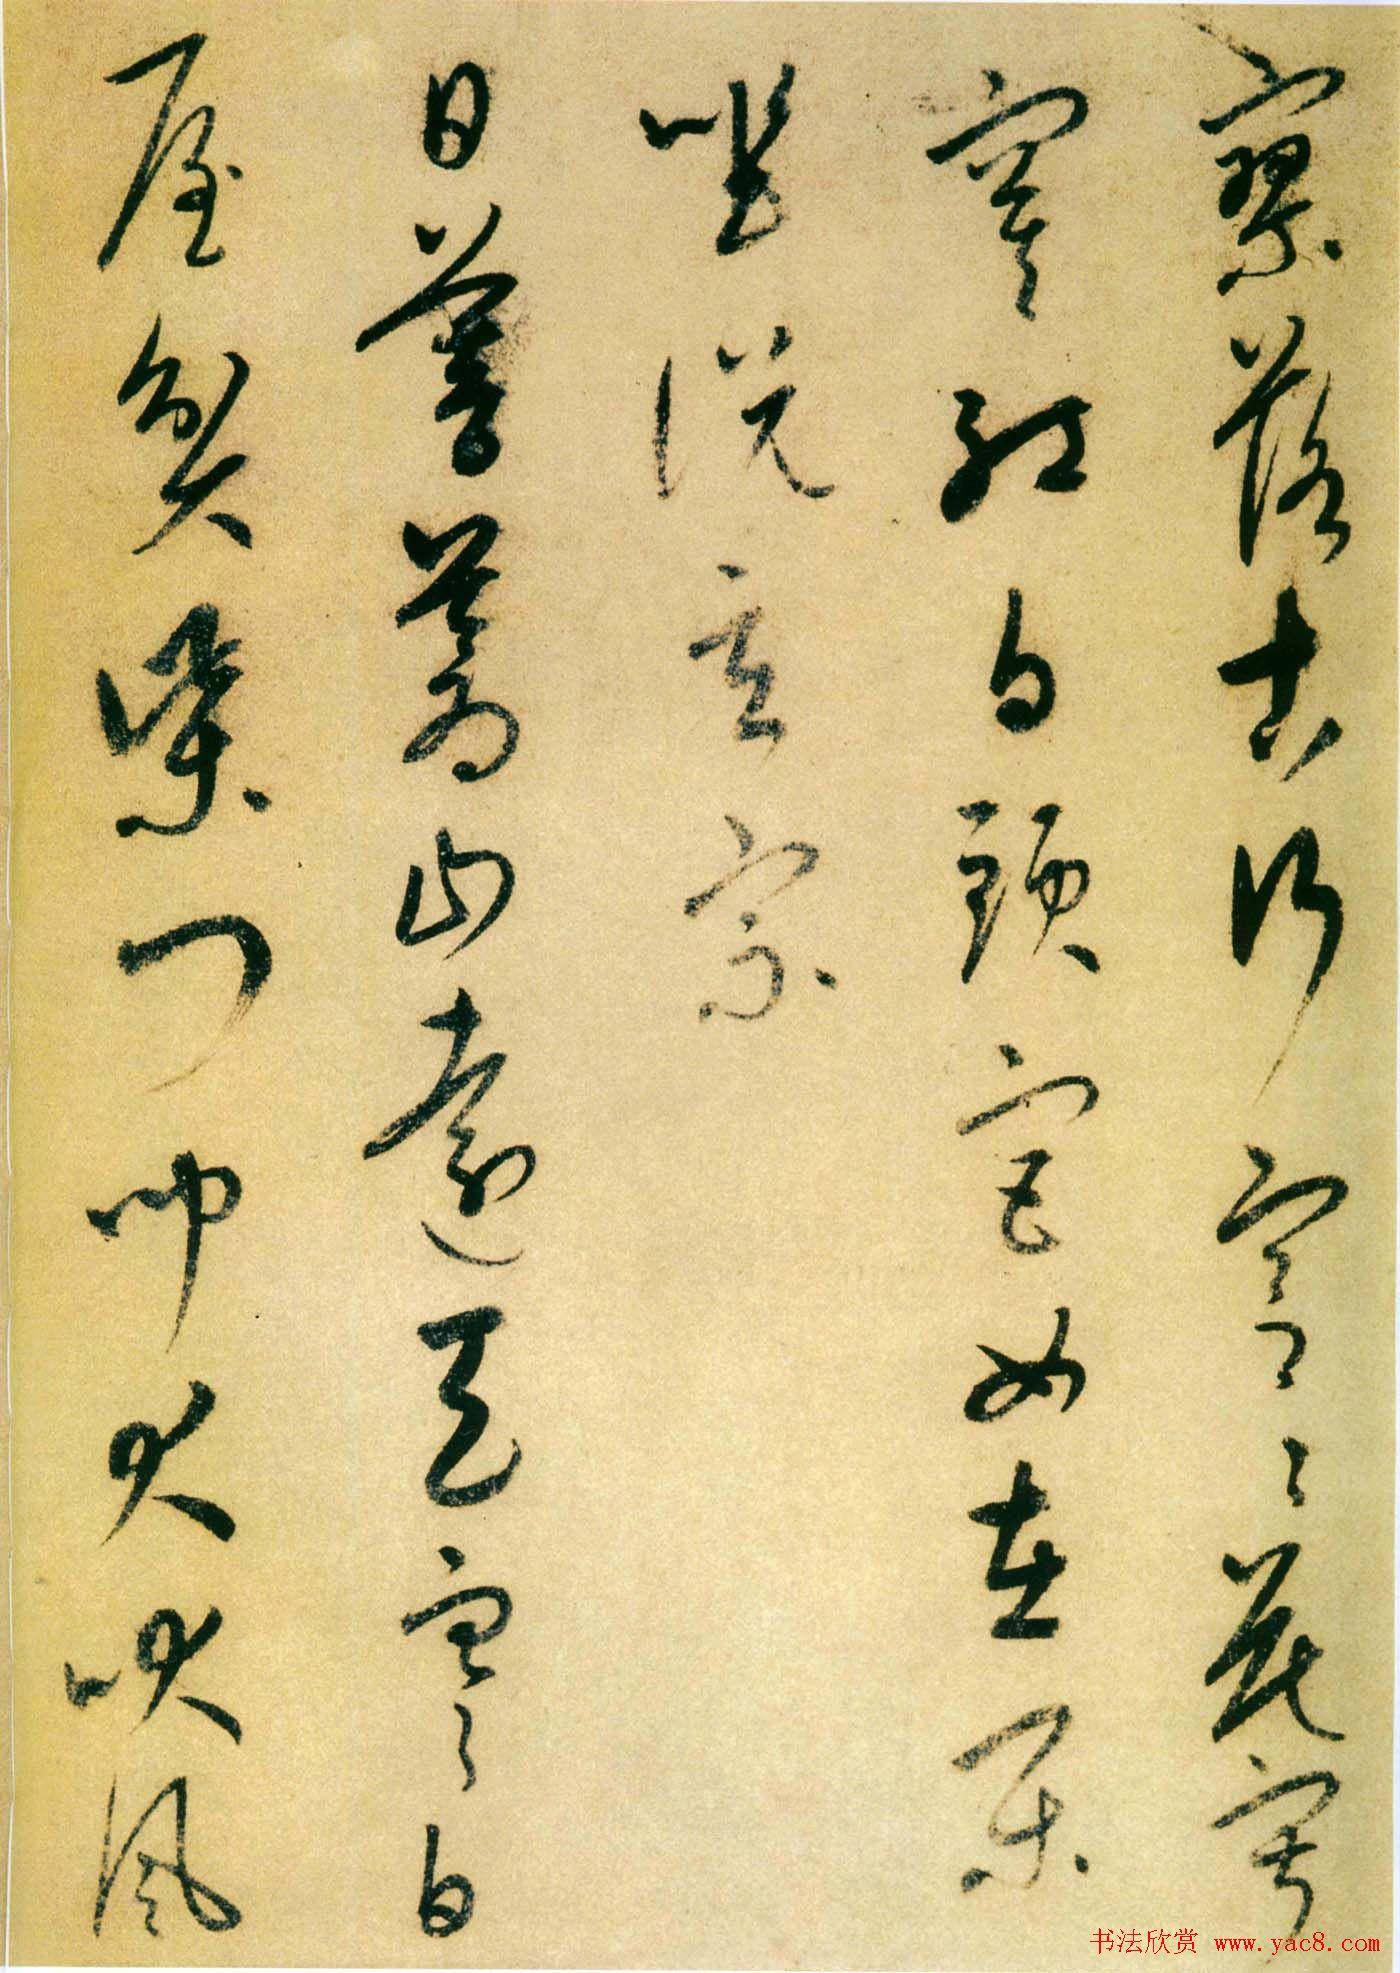 康里巎巎草书作品《唐人绝句六首》卷